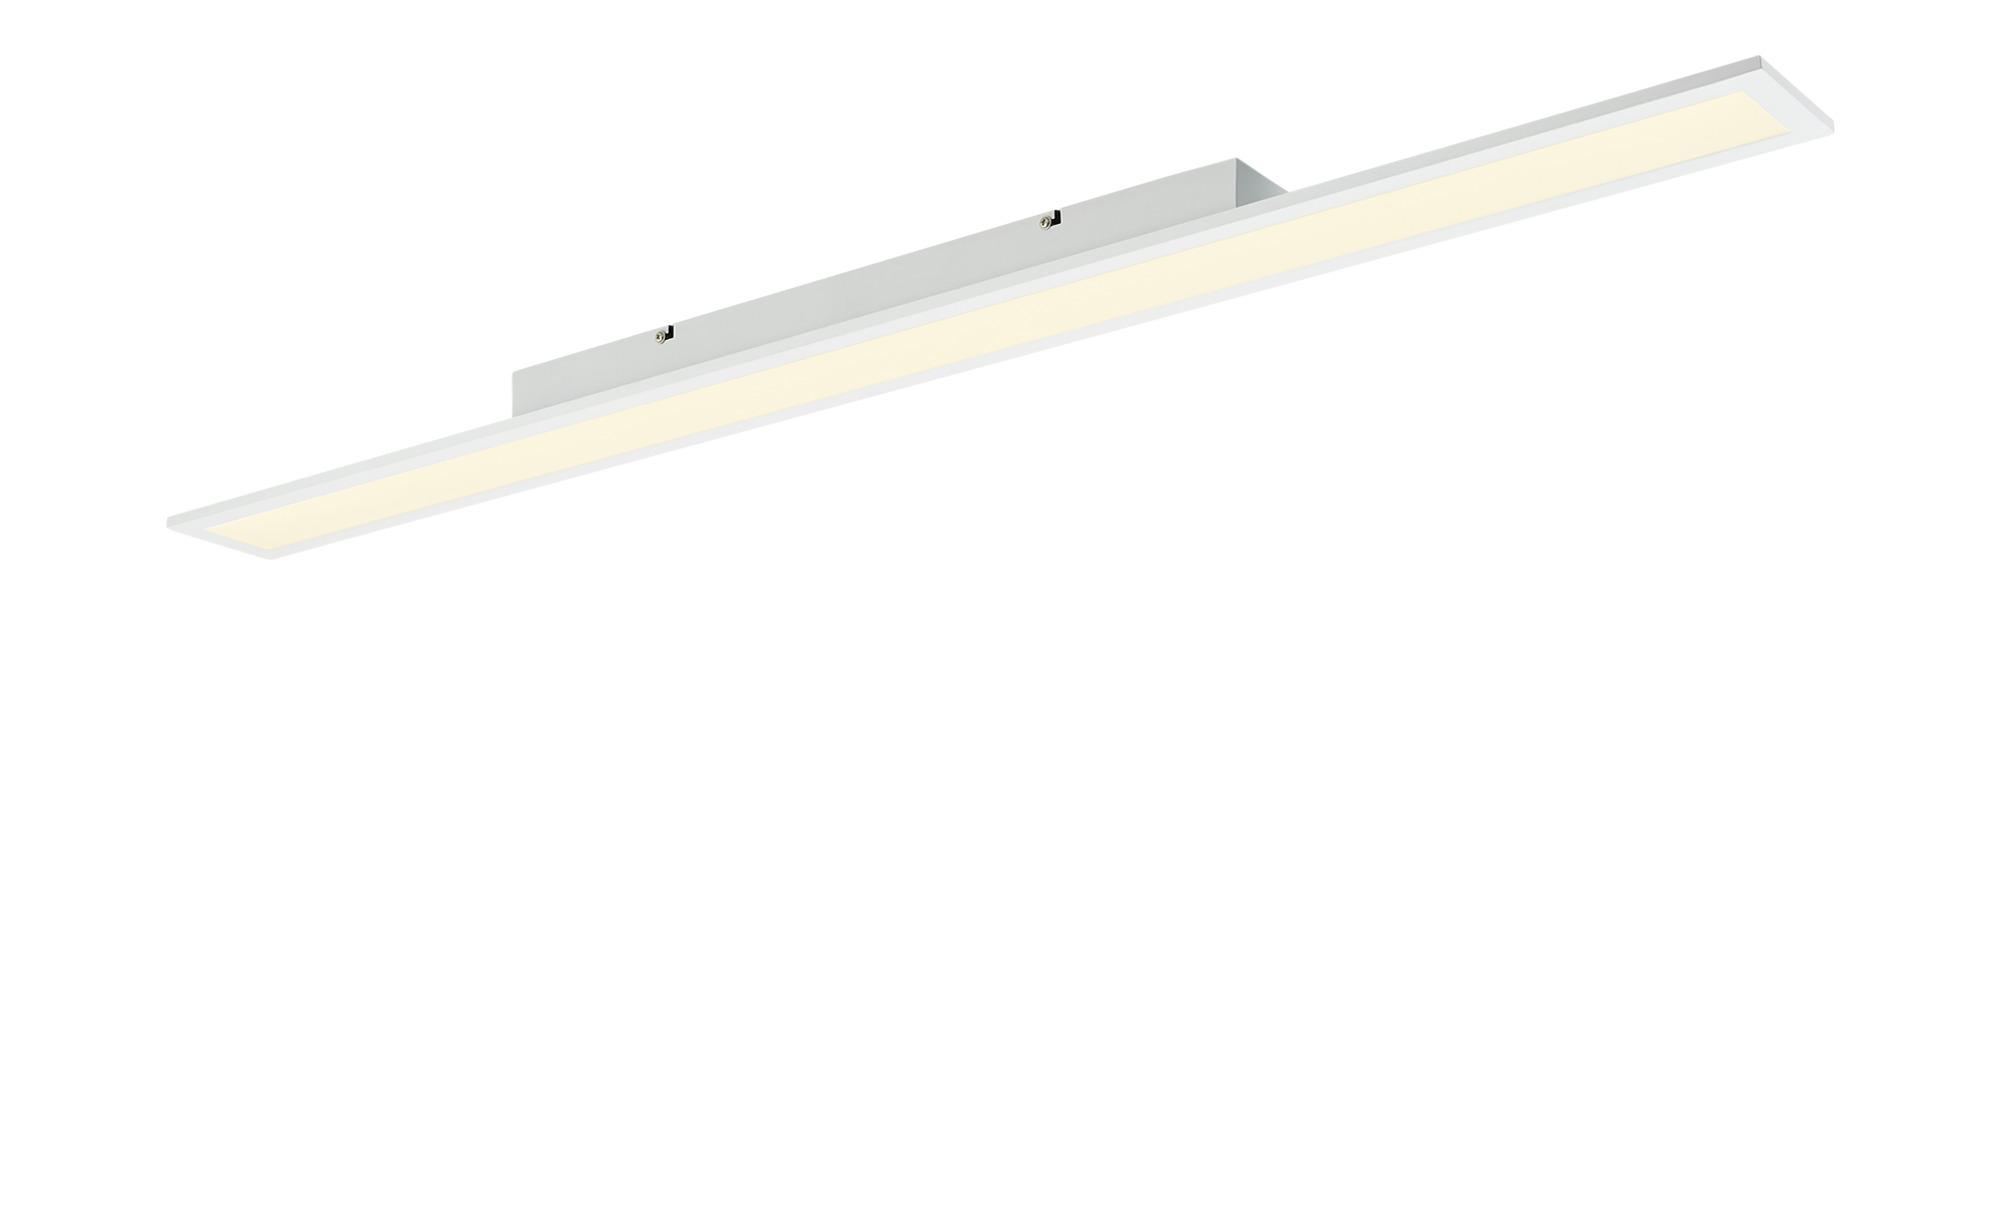 Paul Neuhaus LED-Deckenleuchte, 1-flammig weiß ¦ weiß ¦ Maße (cm): B: 10 H: 5 Lampen & Leuchten > Innenleuchten > Deckenleuchten - Höffner